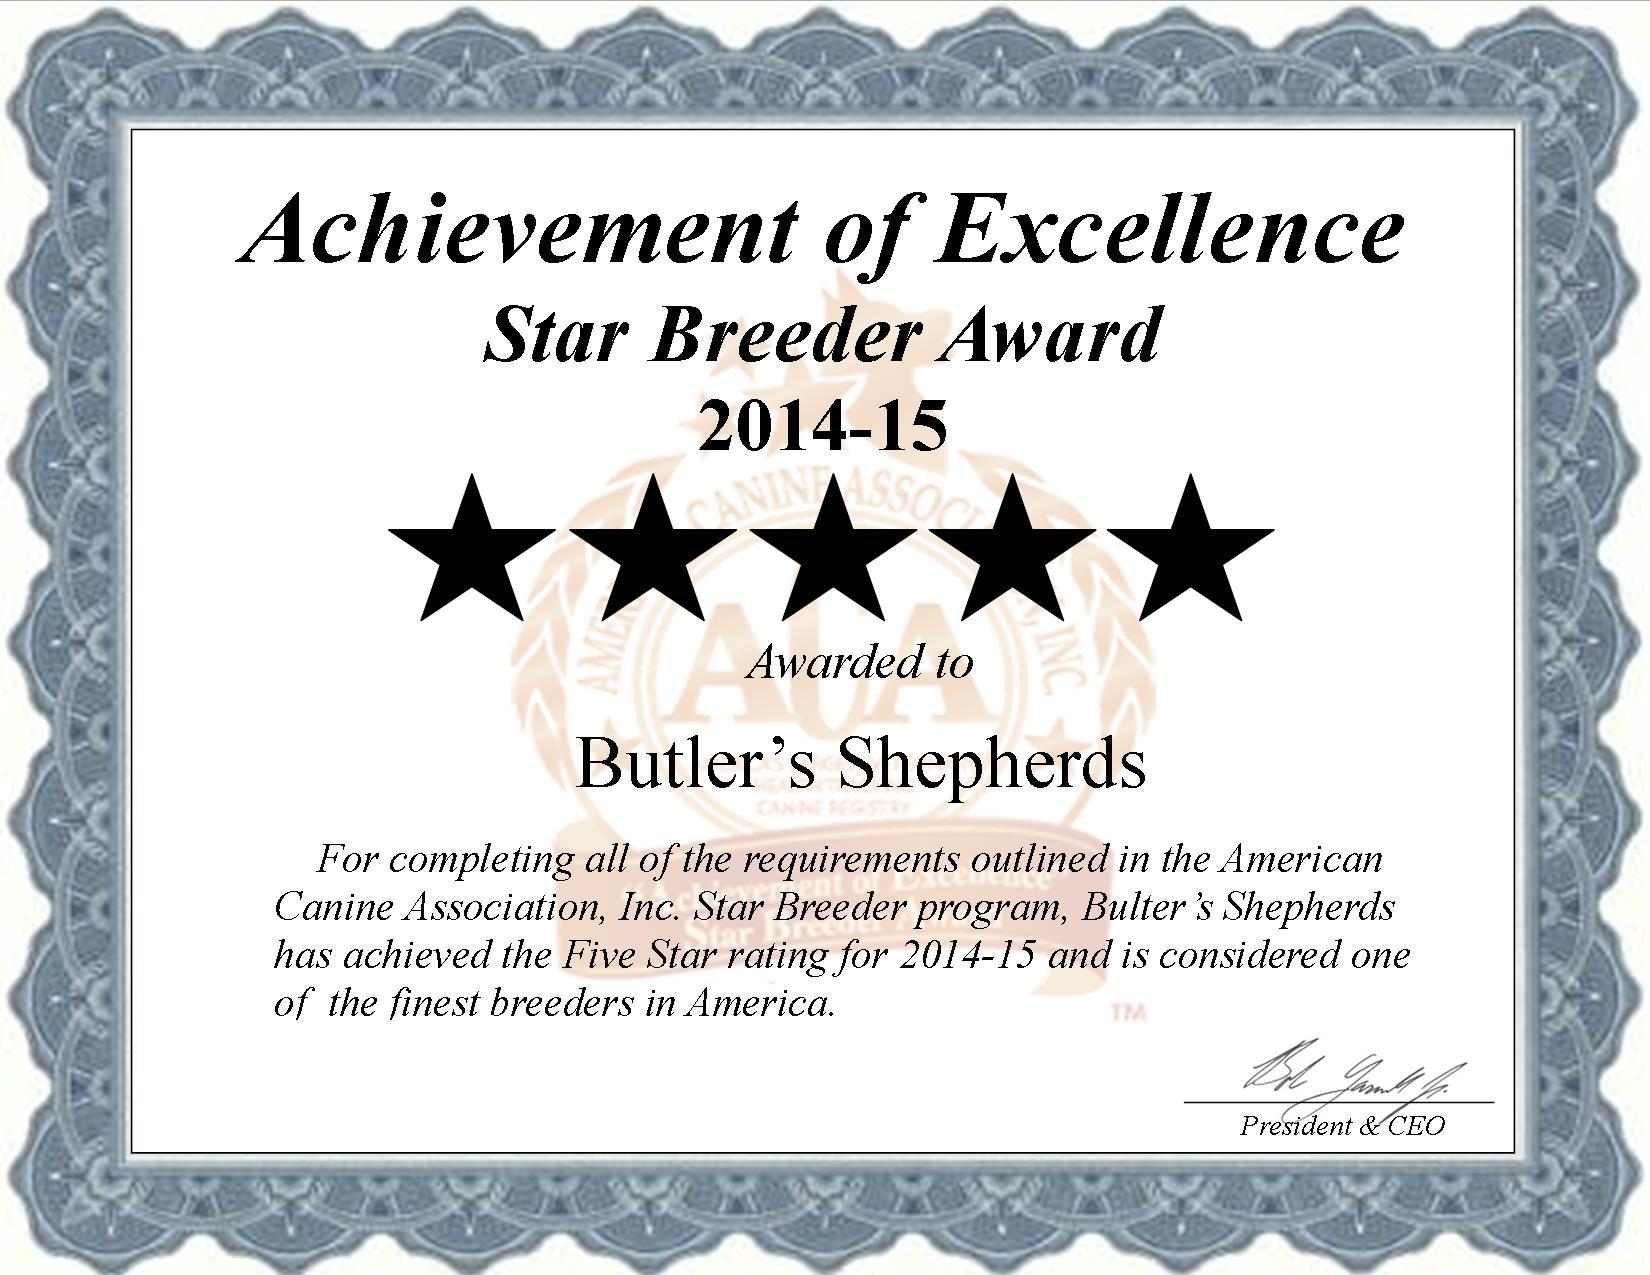 Butler's Shepherds Harrisburg,Butler's Shepherds PA, Butler's Shepherds, Shepherds, Shepherds's, Kennel, starbreeder, star breeder, 5 star, USDA, Lancaster, Lancaster County, pet, PA, Pennsylvania, Harrisburg PA, Harrisburg, Doglaw, dog law, dog, puppy, puppies, ACA